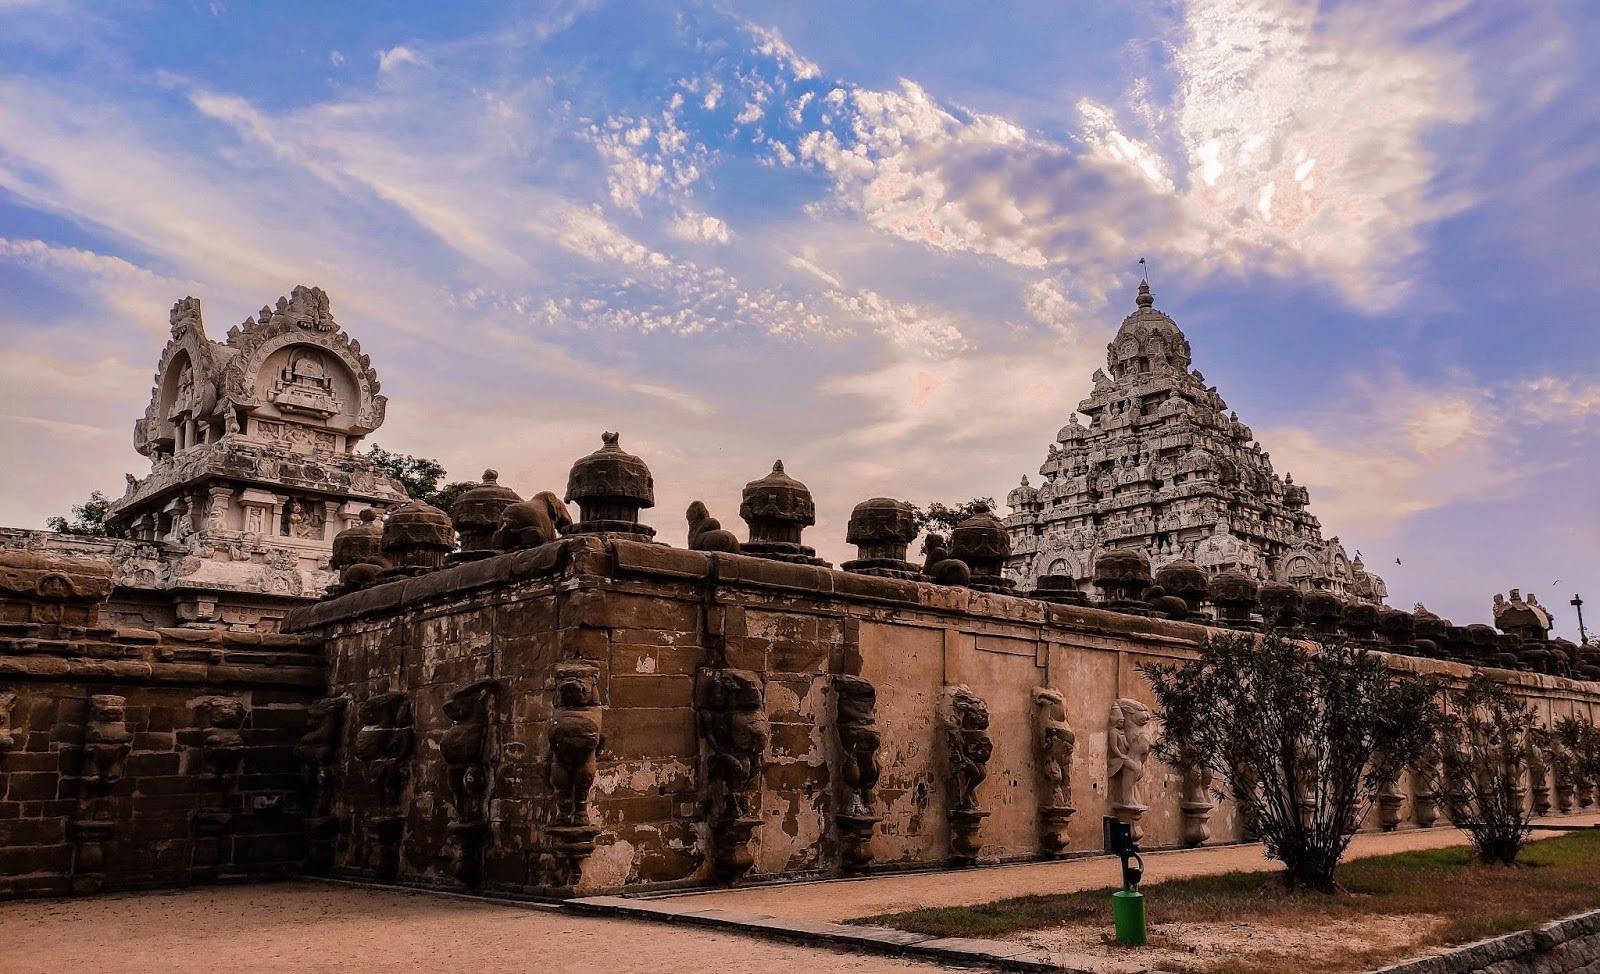 Kanchipuram-Temple